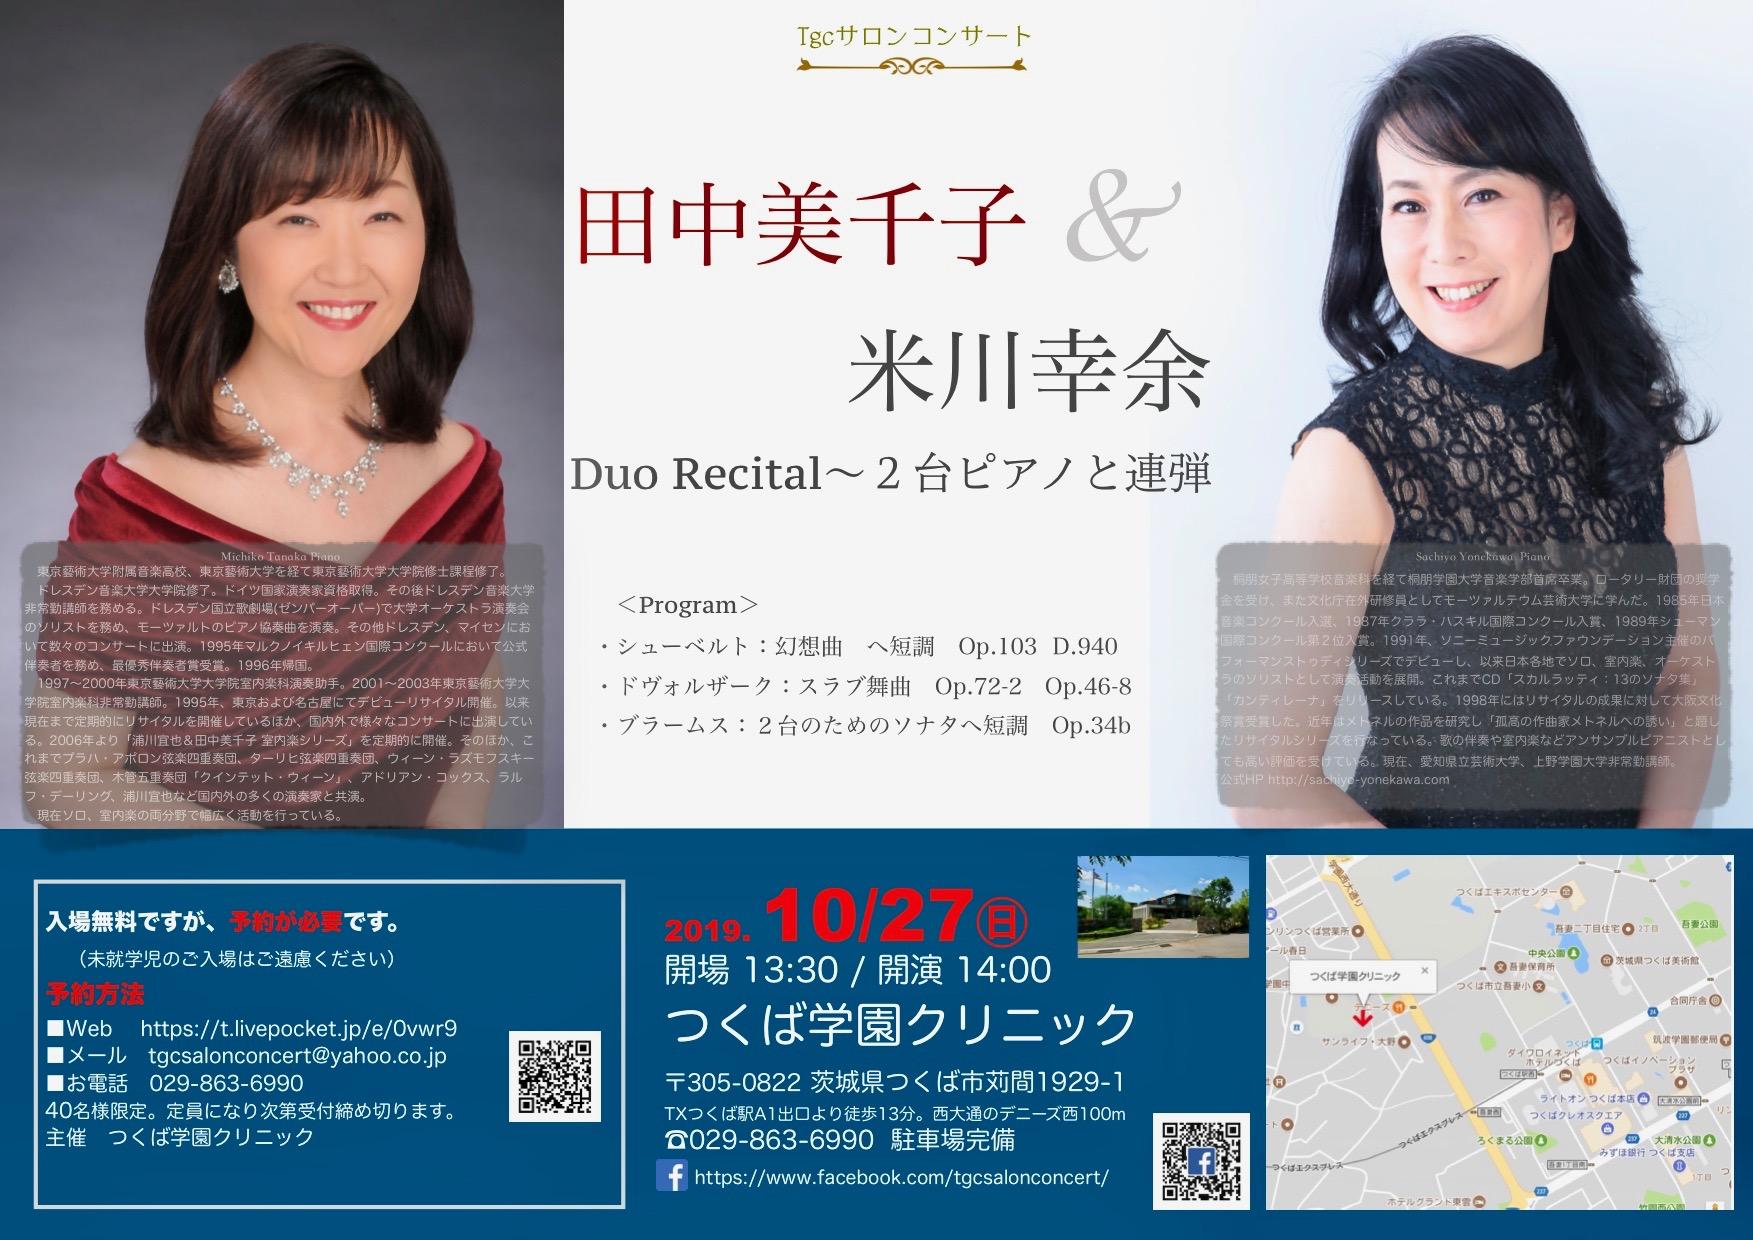 田中美千子&米川幸余デュオリサイタル 2台ピアノと連弾